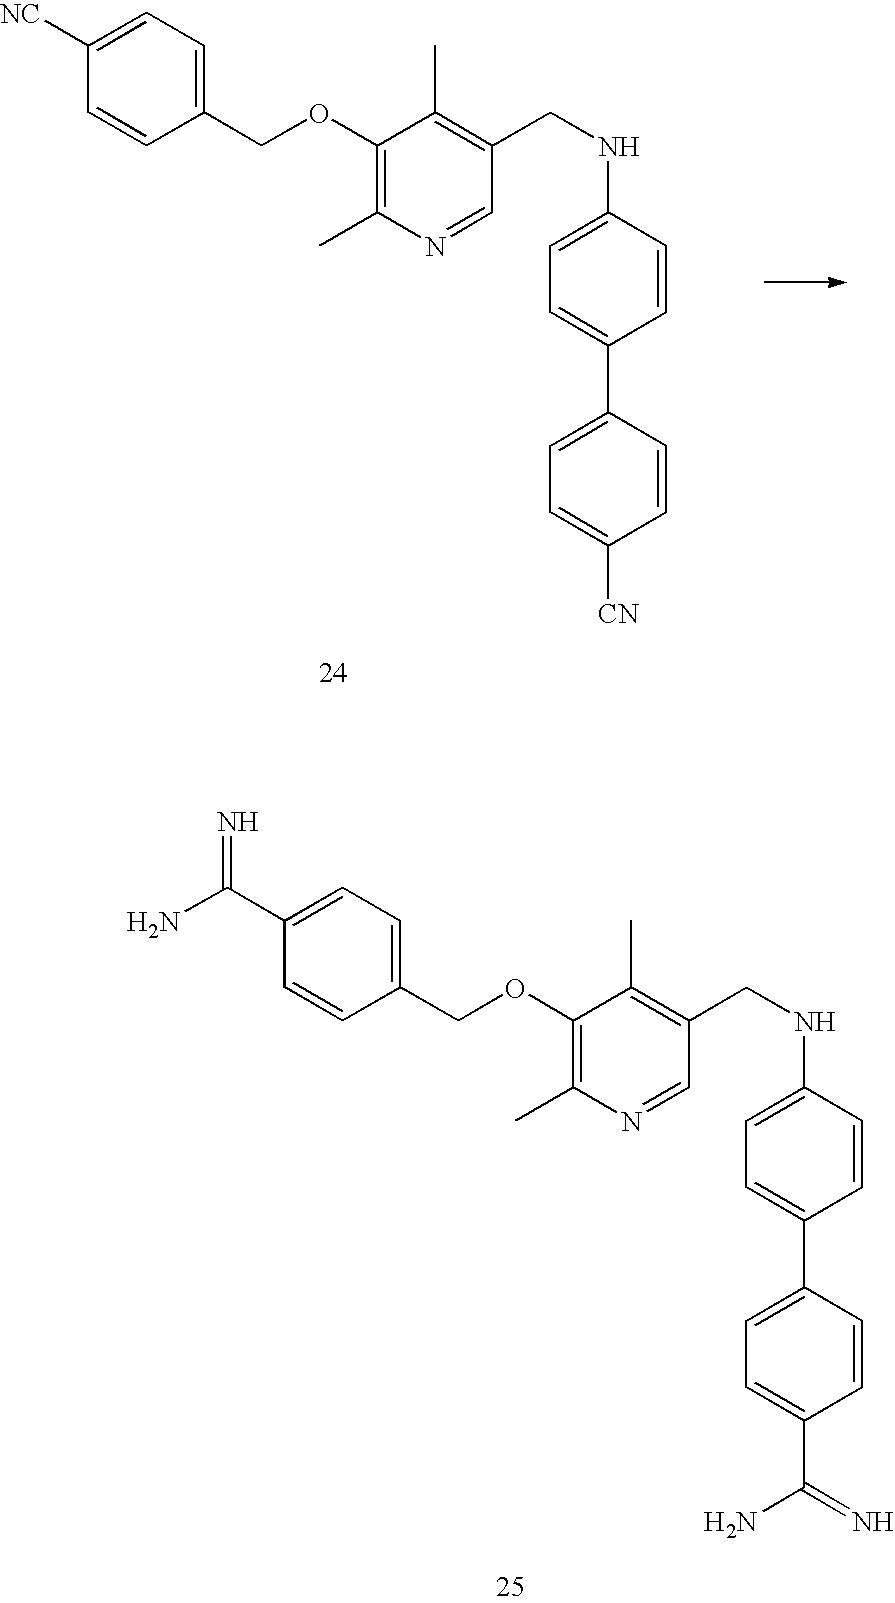 Figure US20060094761A1-20060504-C00054